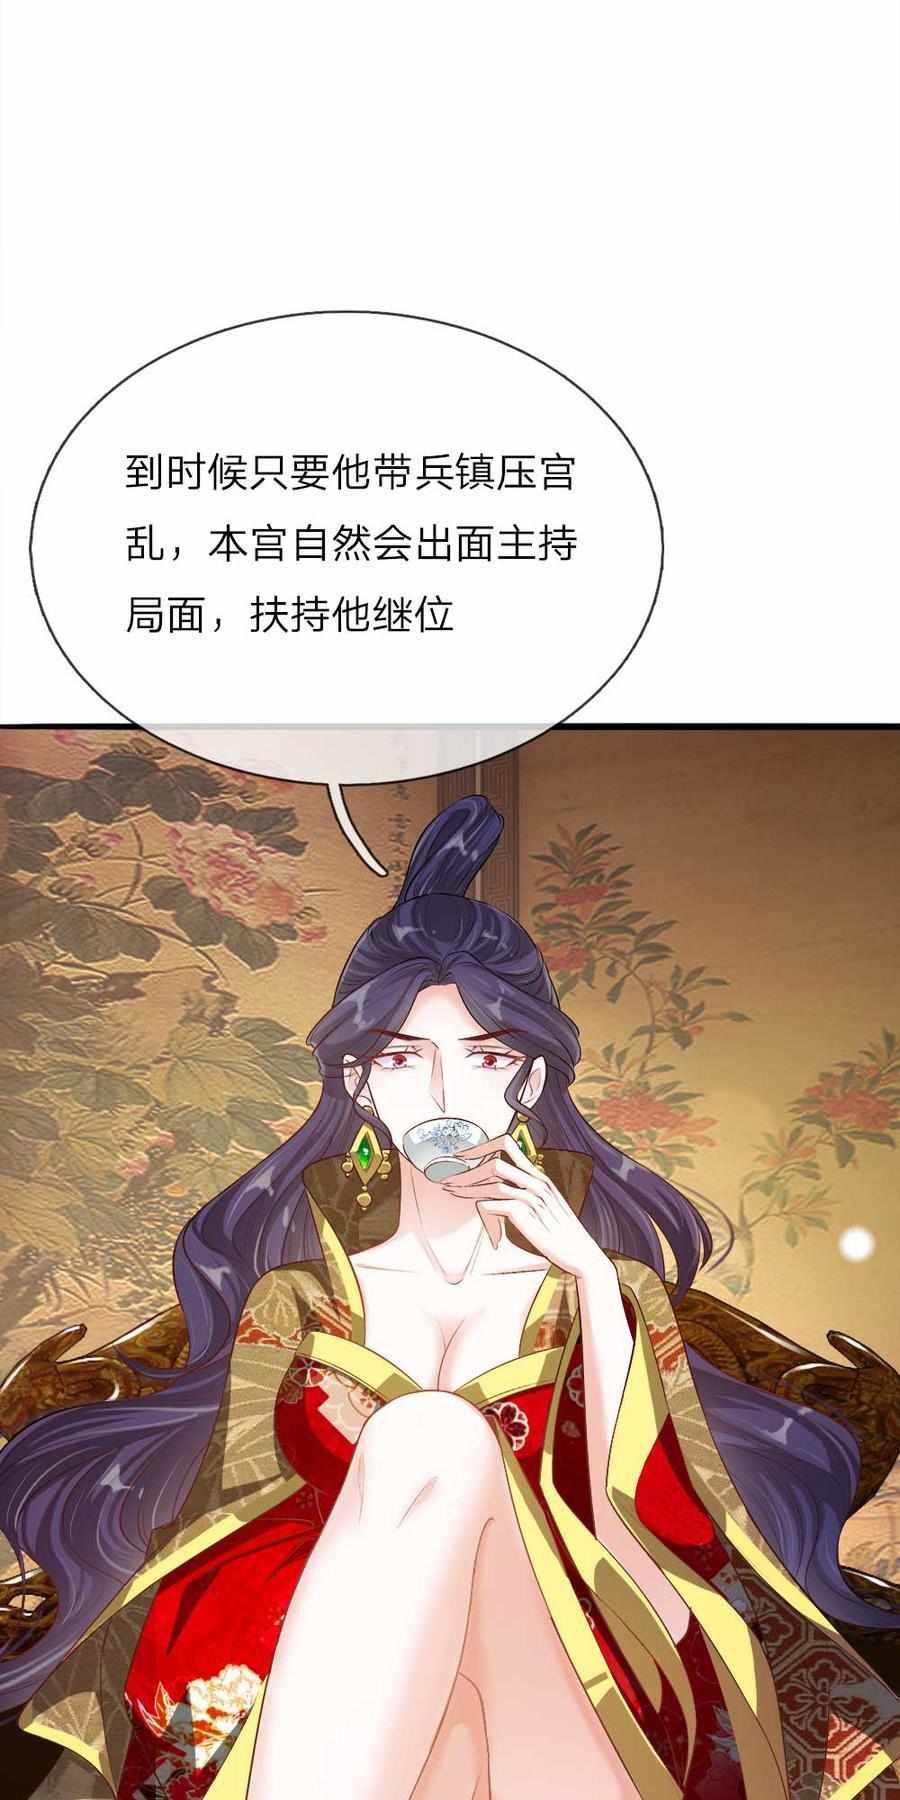 温柔暴君:摄政王爷太凶猛第17话  第17话 后母们的茶会 第 13